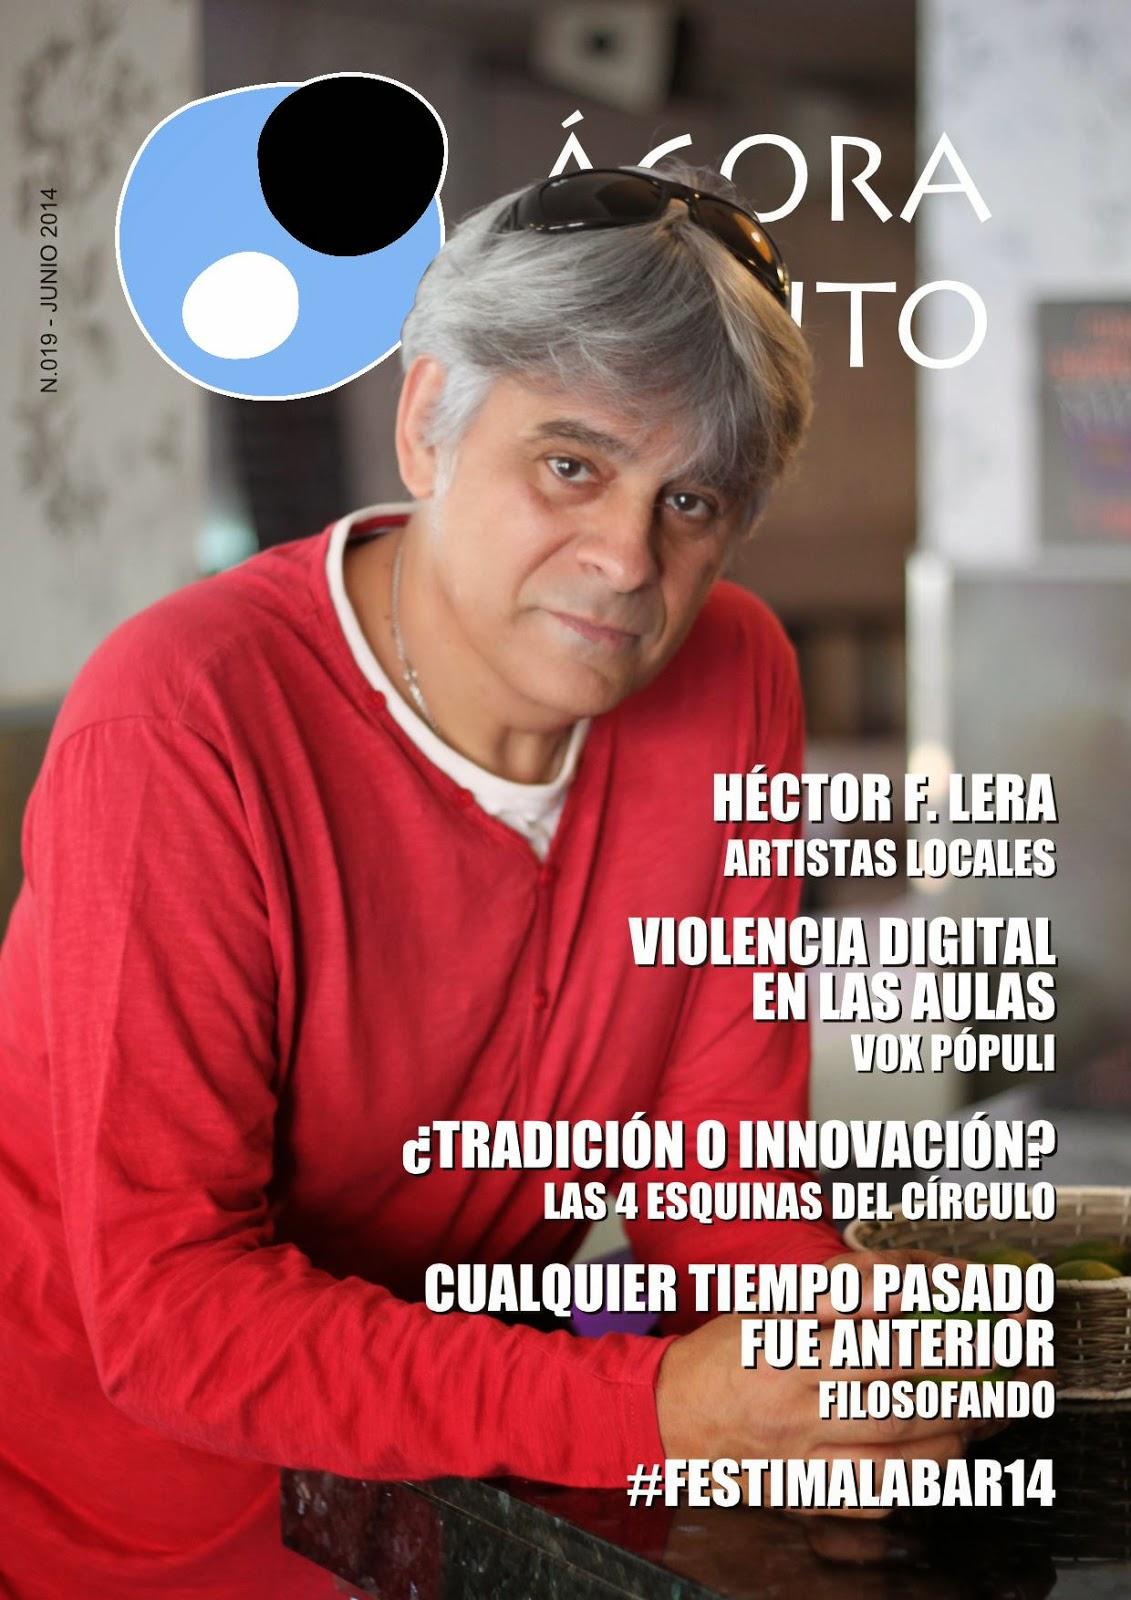 http://issuu.com/agora-pinto/docs/019